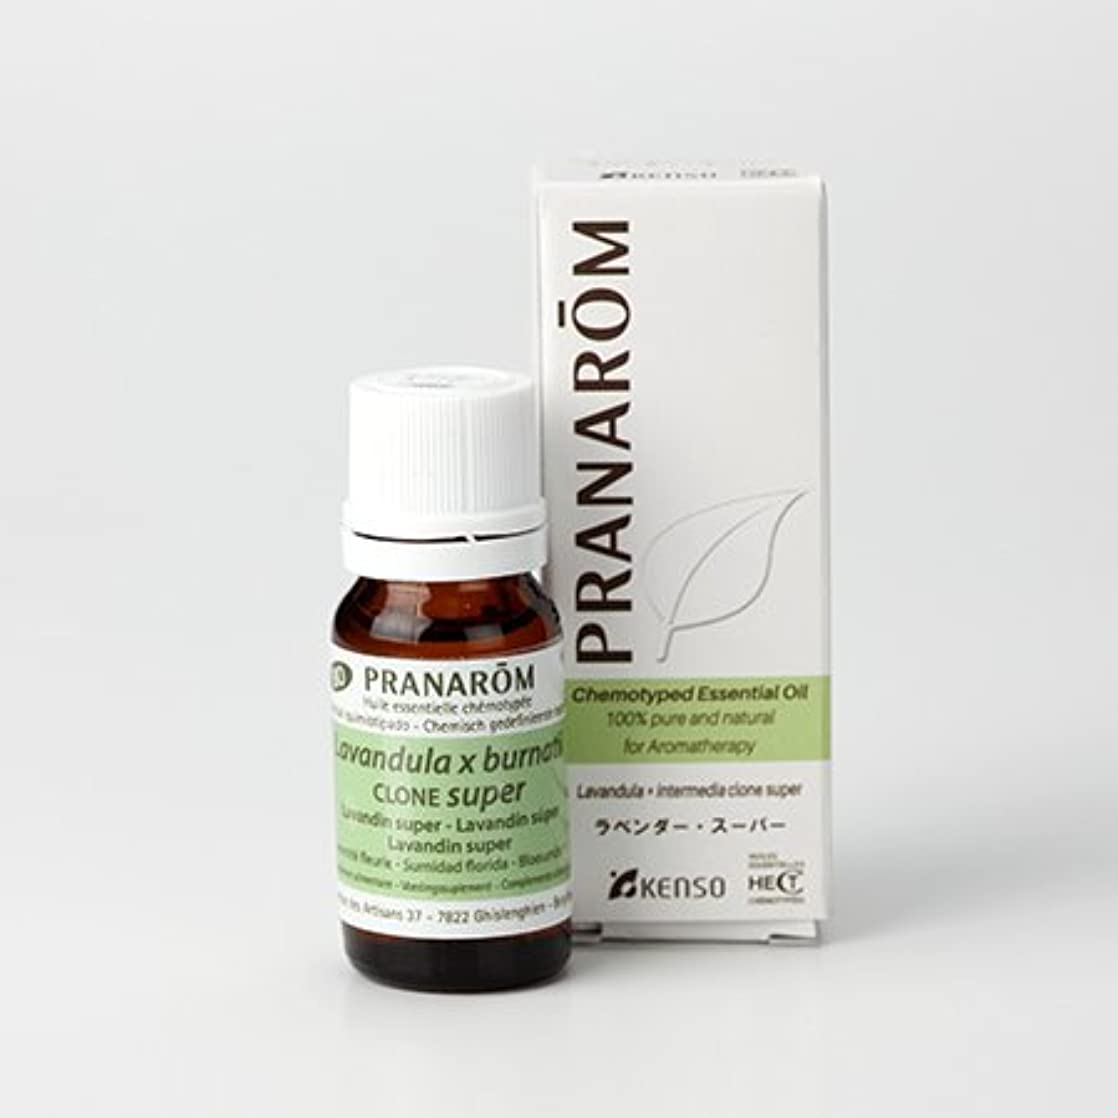 試用強大な変換するプラナロム ( PRANAROM ) 精油 ラベンダー?スーパー 10ml p-100 ラベンダースーパー